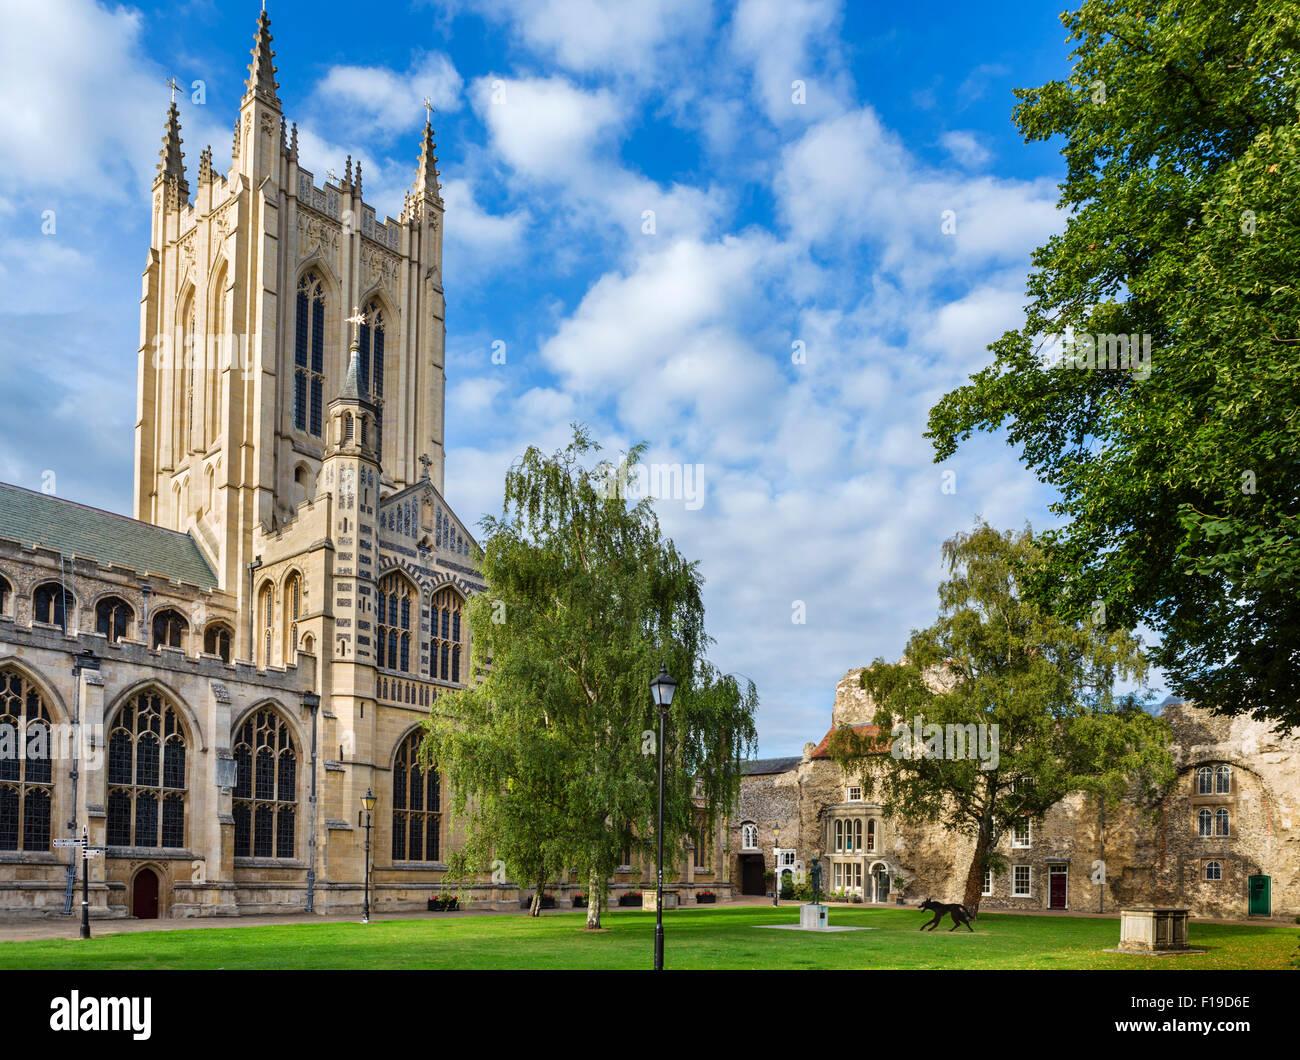 Bury St Edmunds, Suffolk. St Edmundsbury Cathedral in the early evening, Bury St Edmunds, Suffolk, England, UK - Stock Image